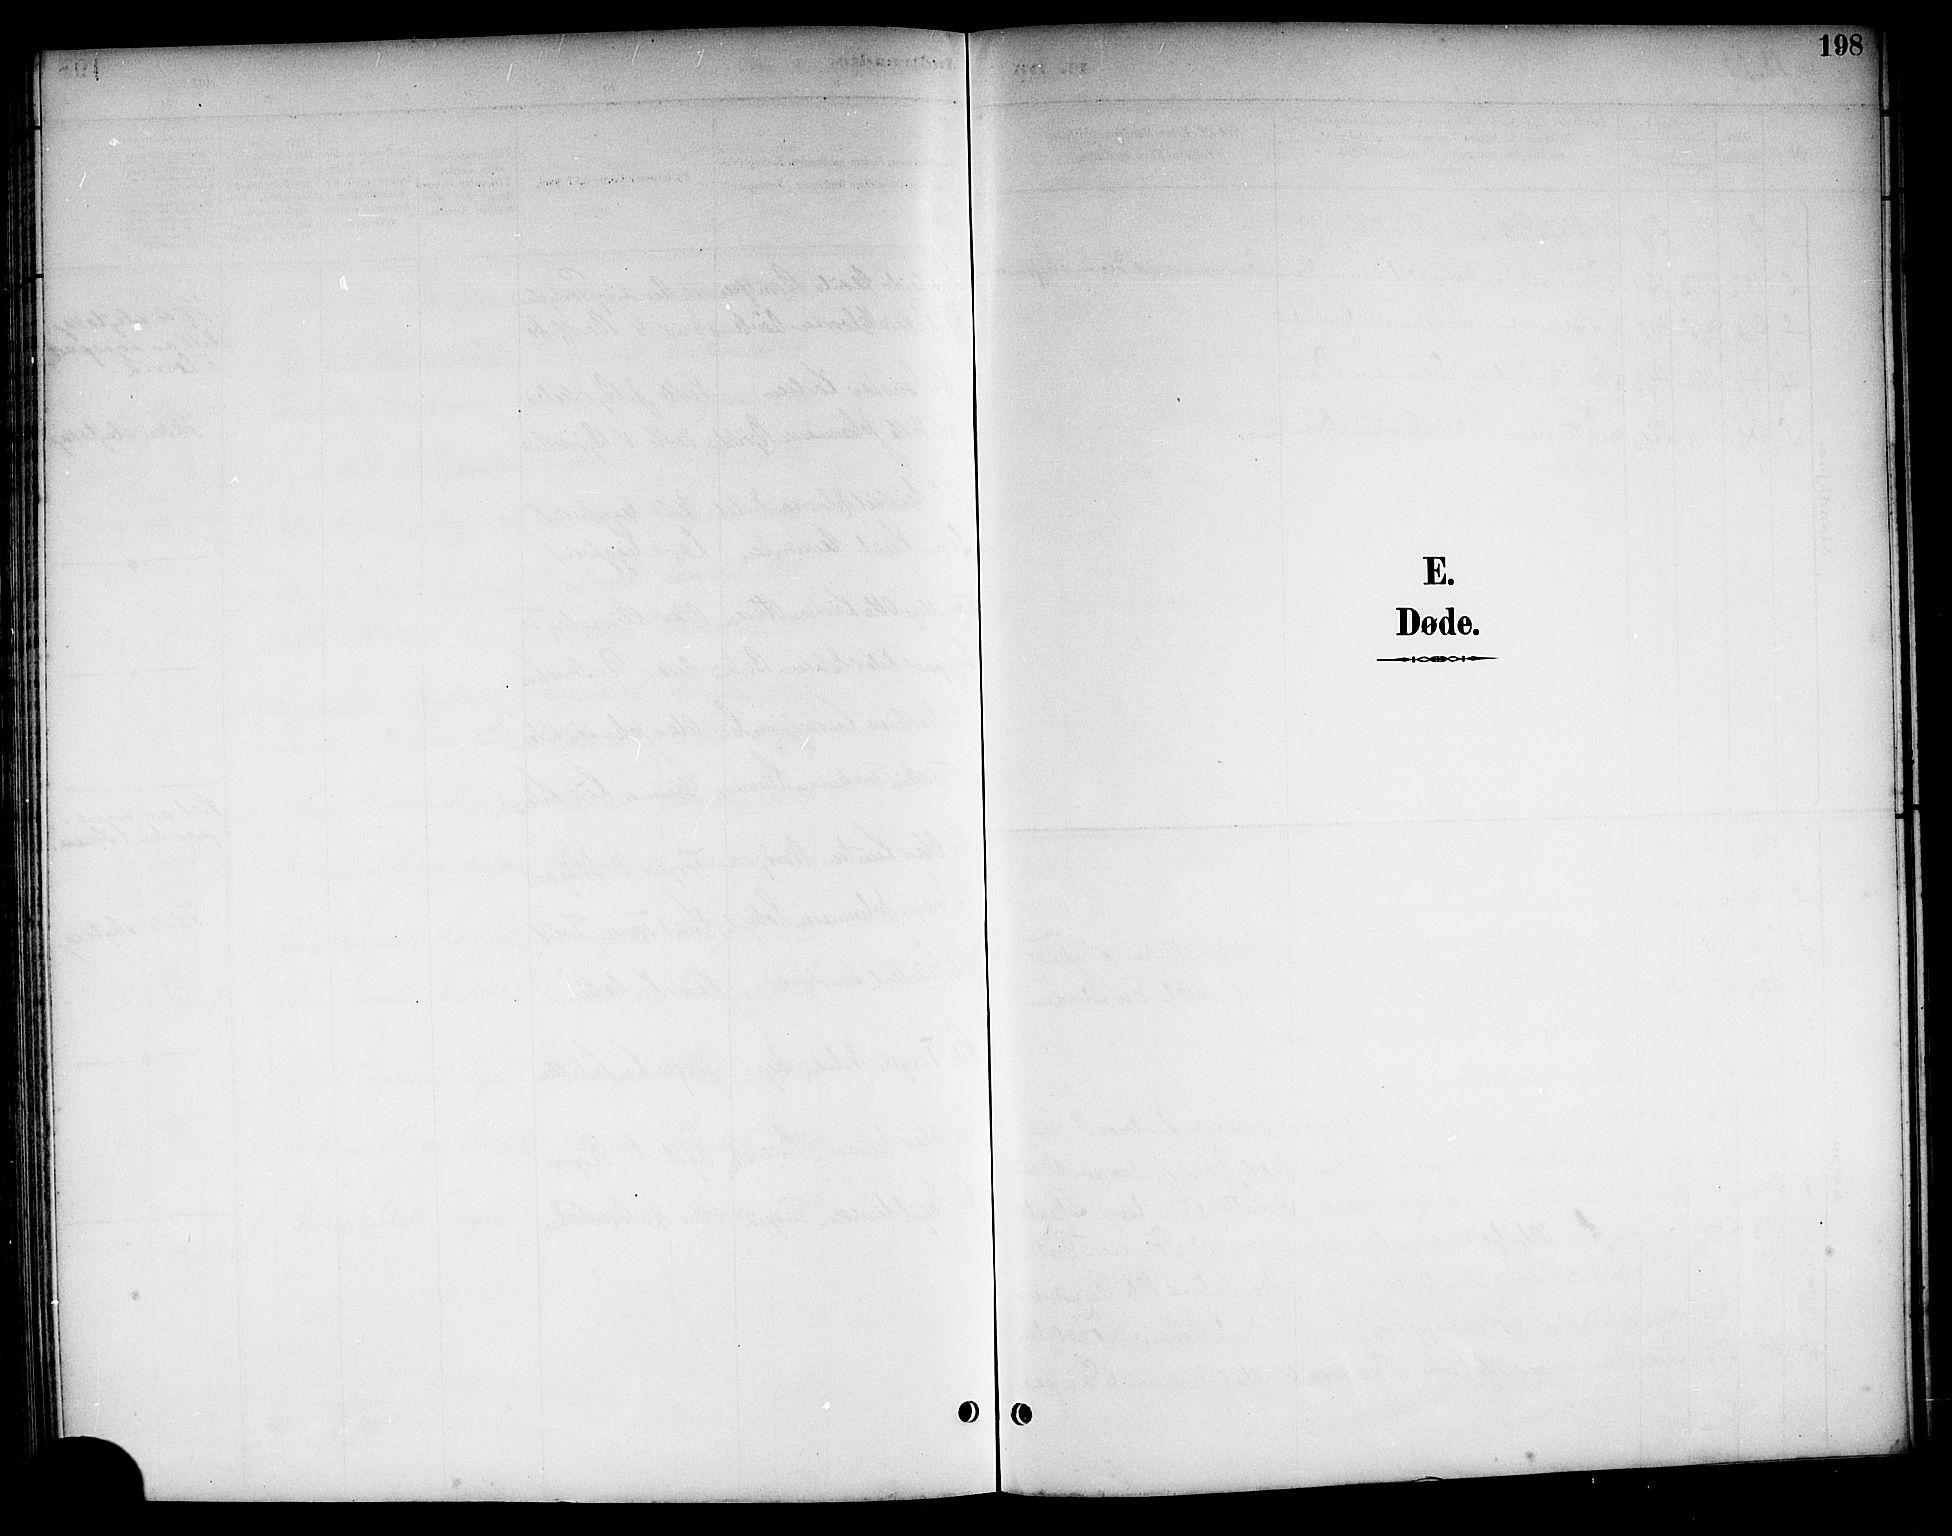 SAKO, Kviteseid kirkebøker, G/Ga/L0002: Klokkerbok nr. I 2, 1893-1918, s. 198